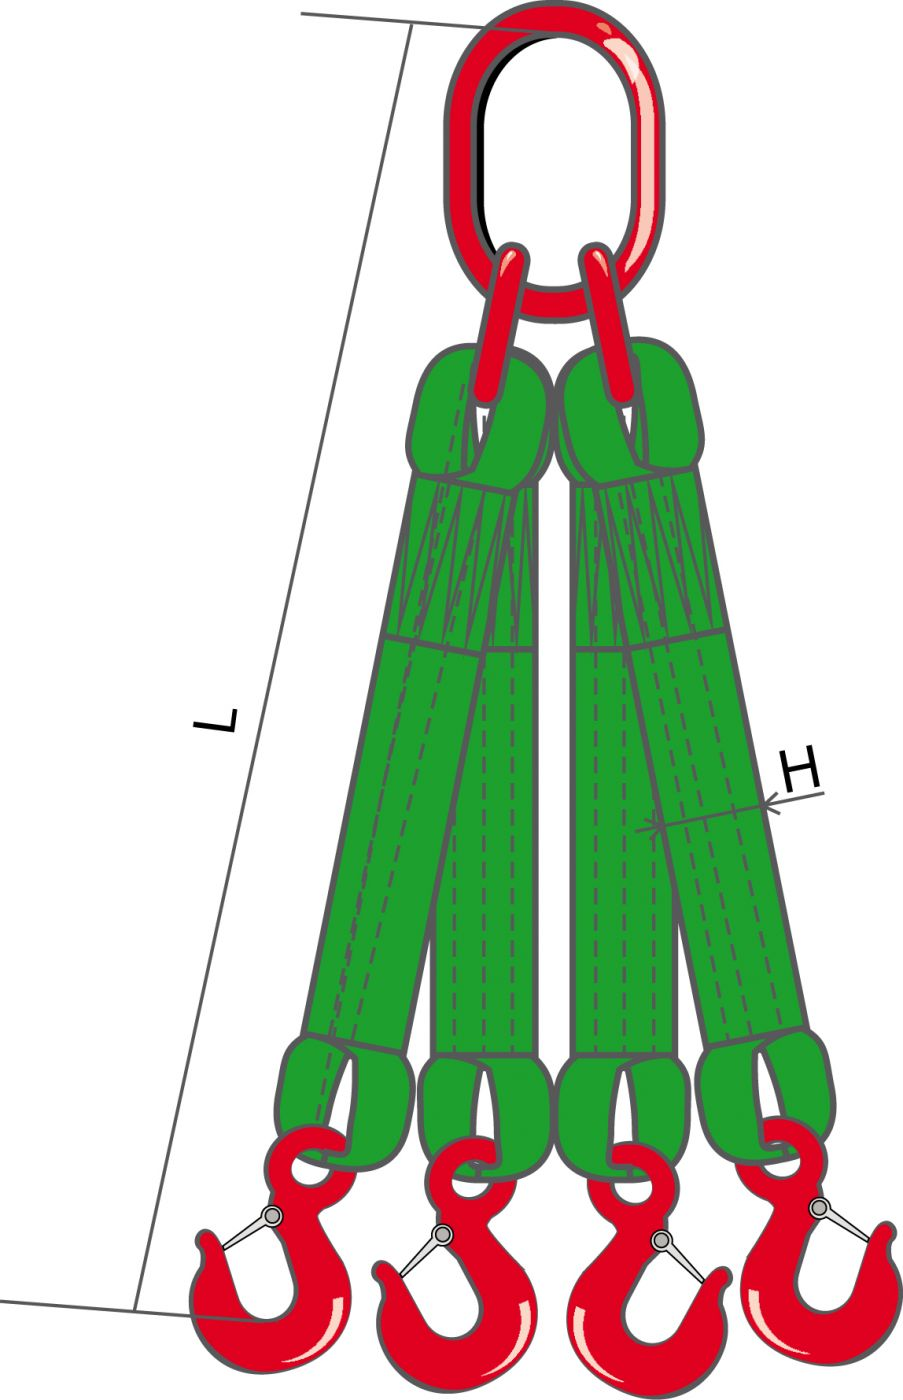 4СТ - Строп текстильный четырехветьевой